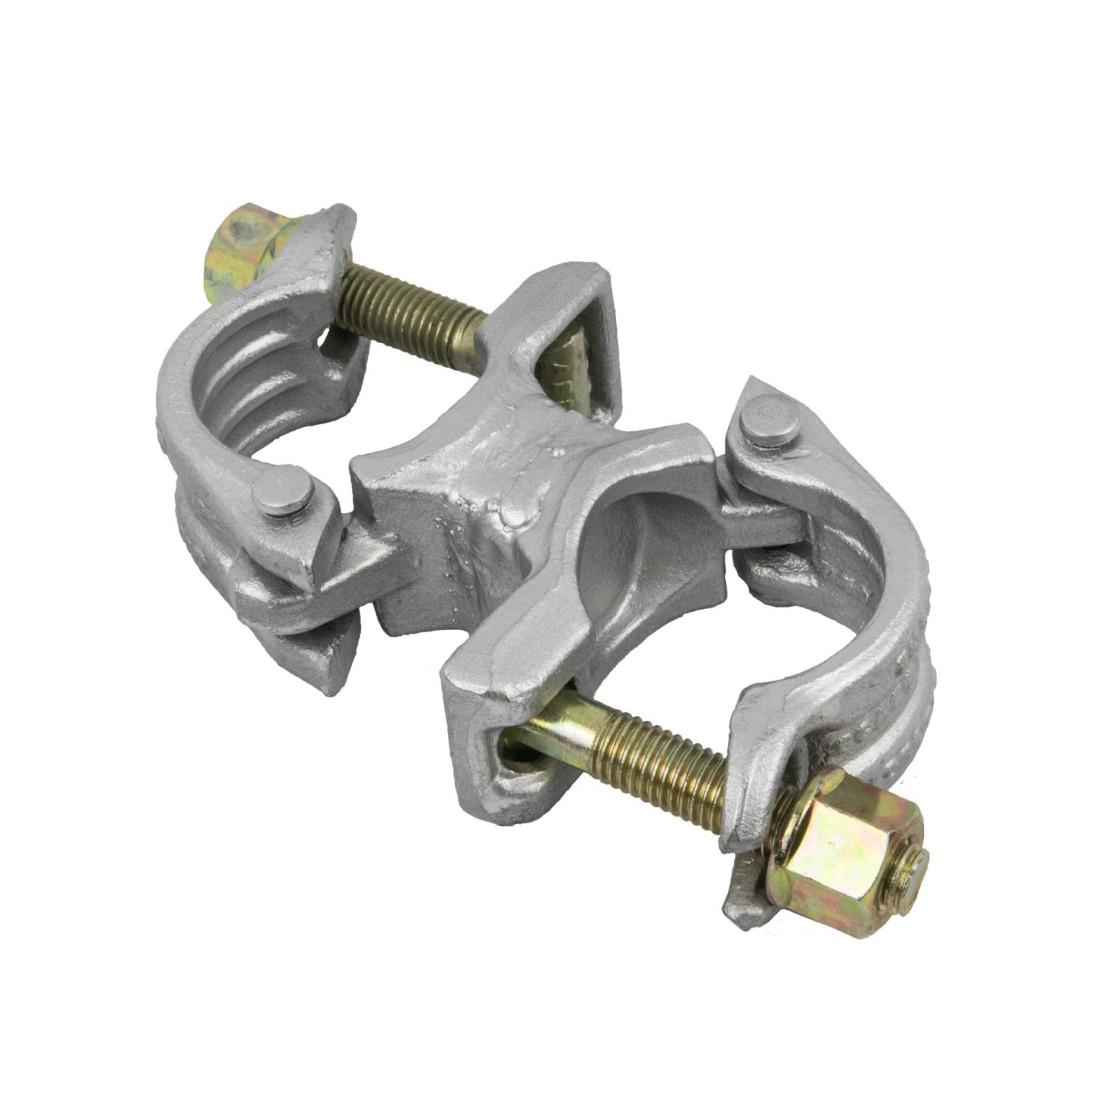 Ger/üst Rohrverbinder Stahl verzinkt